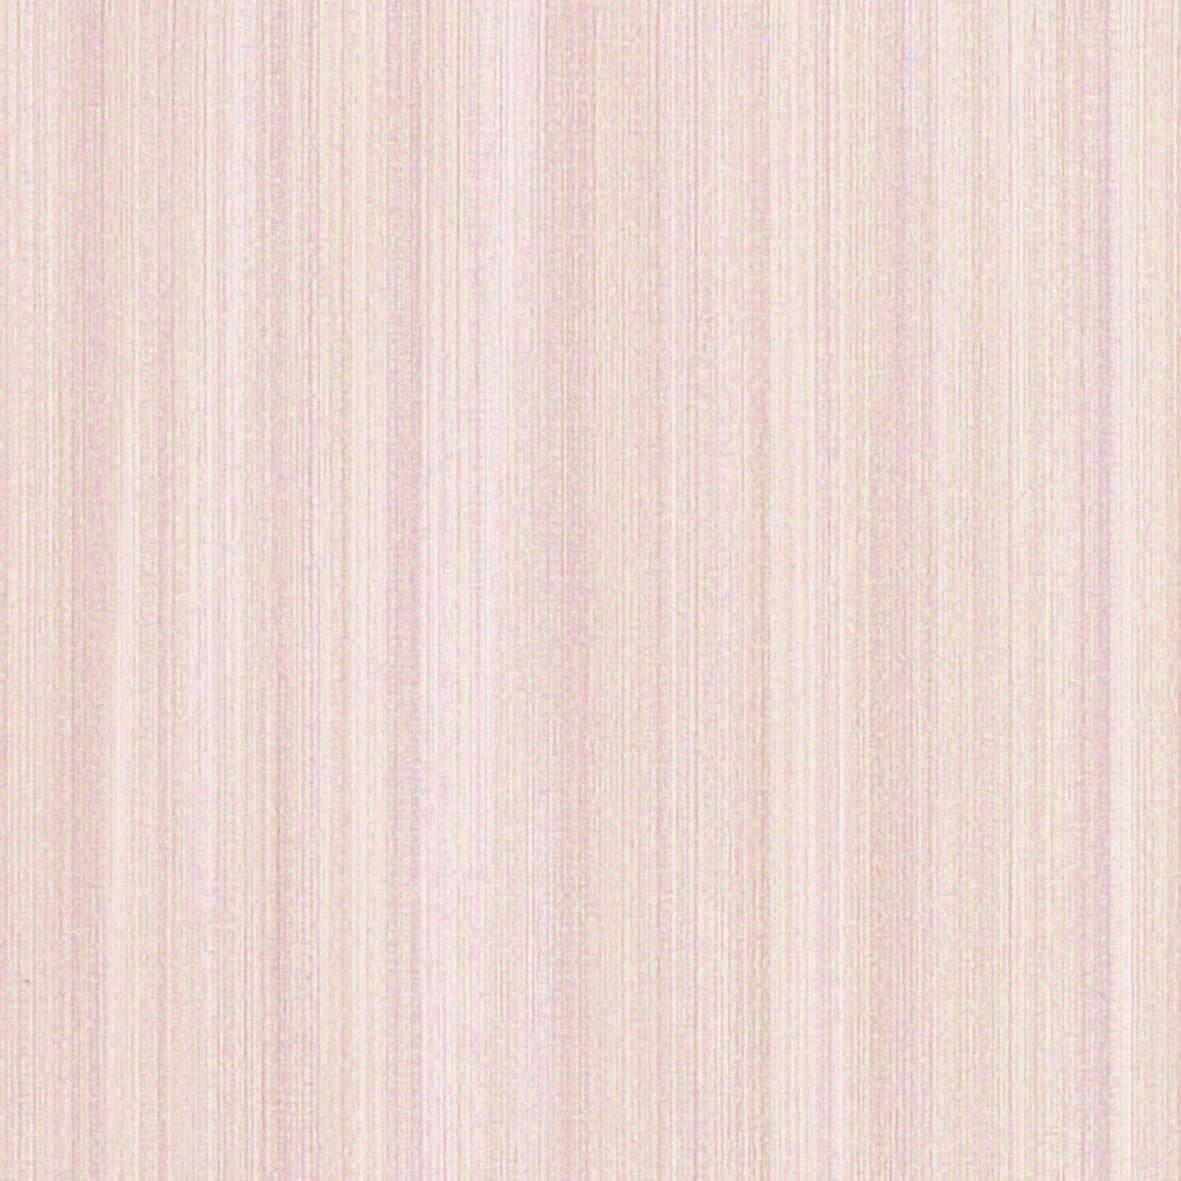 リリカラ 壁紙24m シンフル ストライプ ホワイト LL-8603 B01N3SKB0H 24m|ホワイト